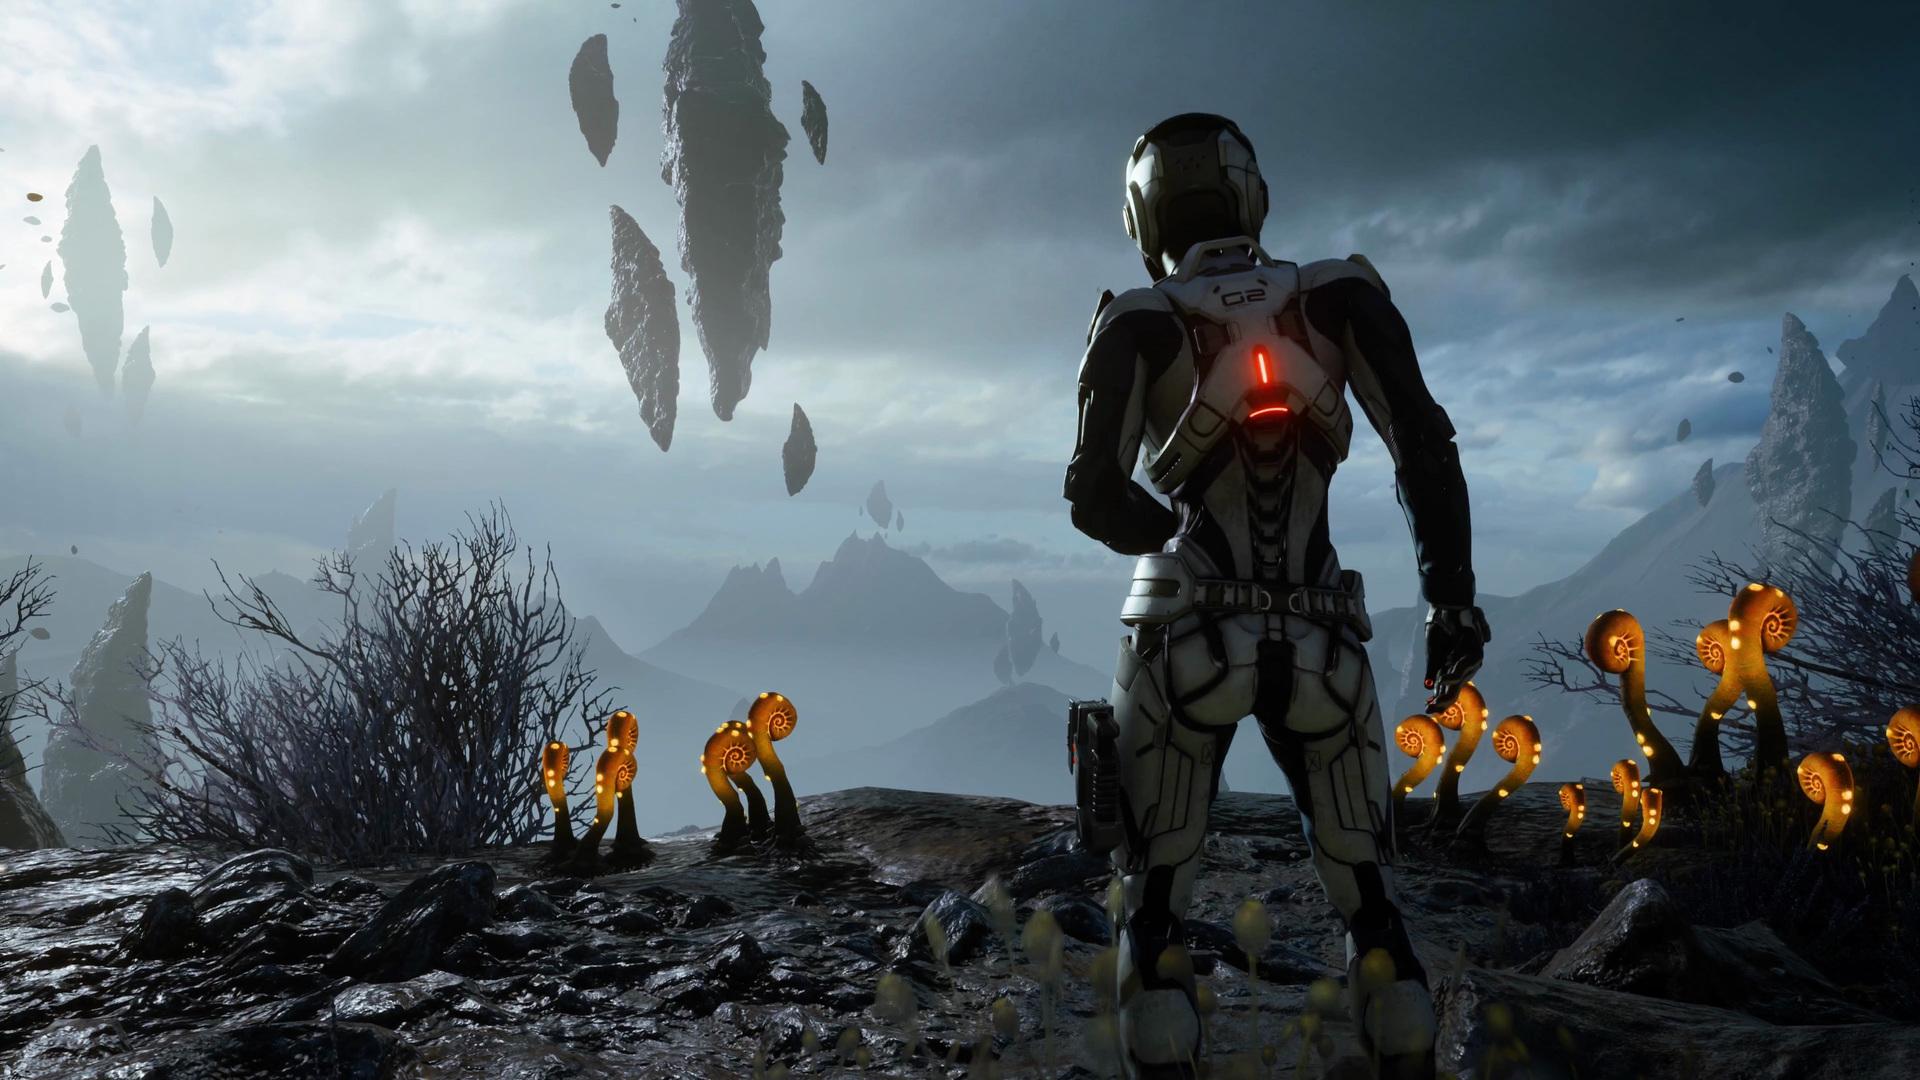 Началась распродажа в Origin — скидки на ME: Andromeda, Titanfall 2 и другие игры